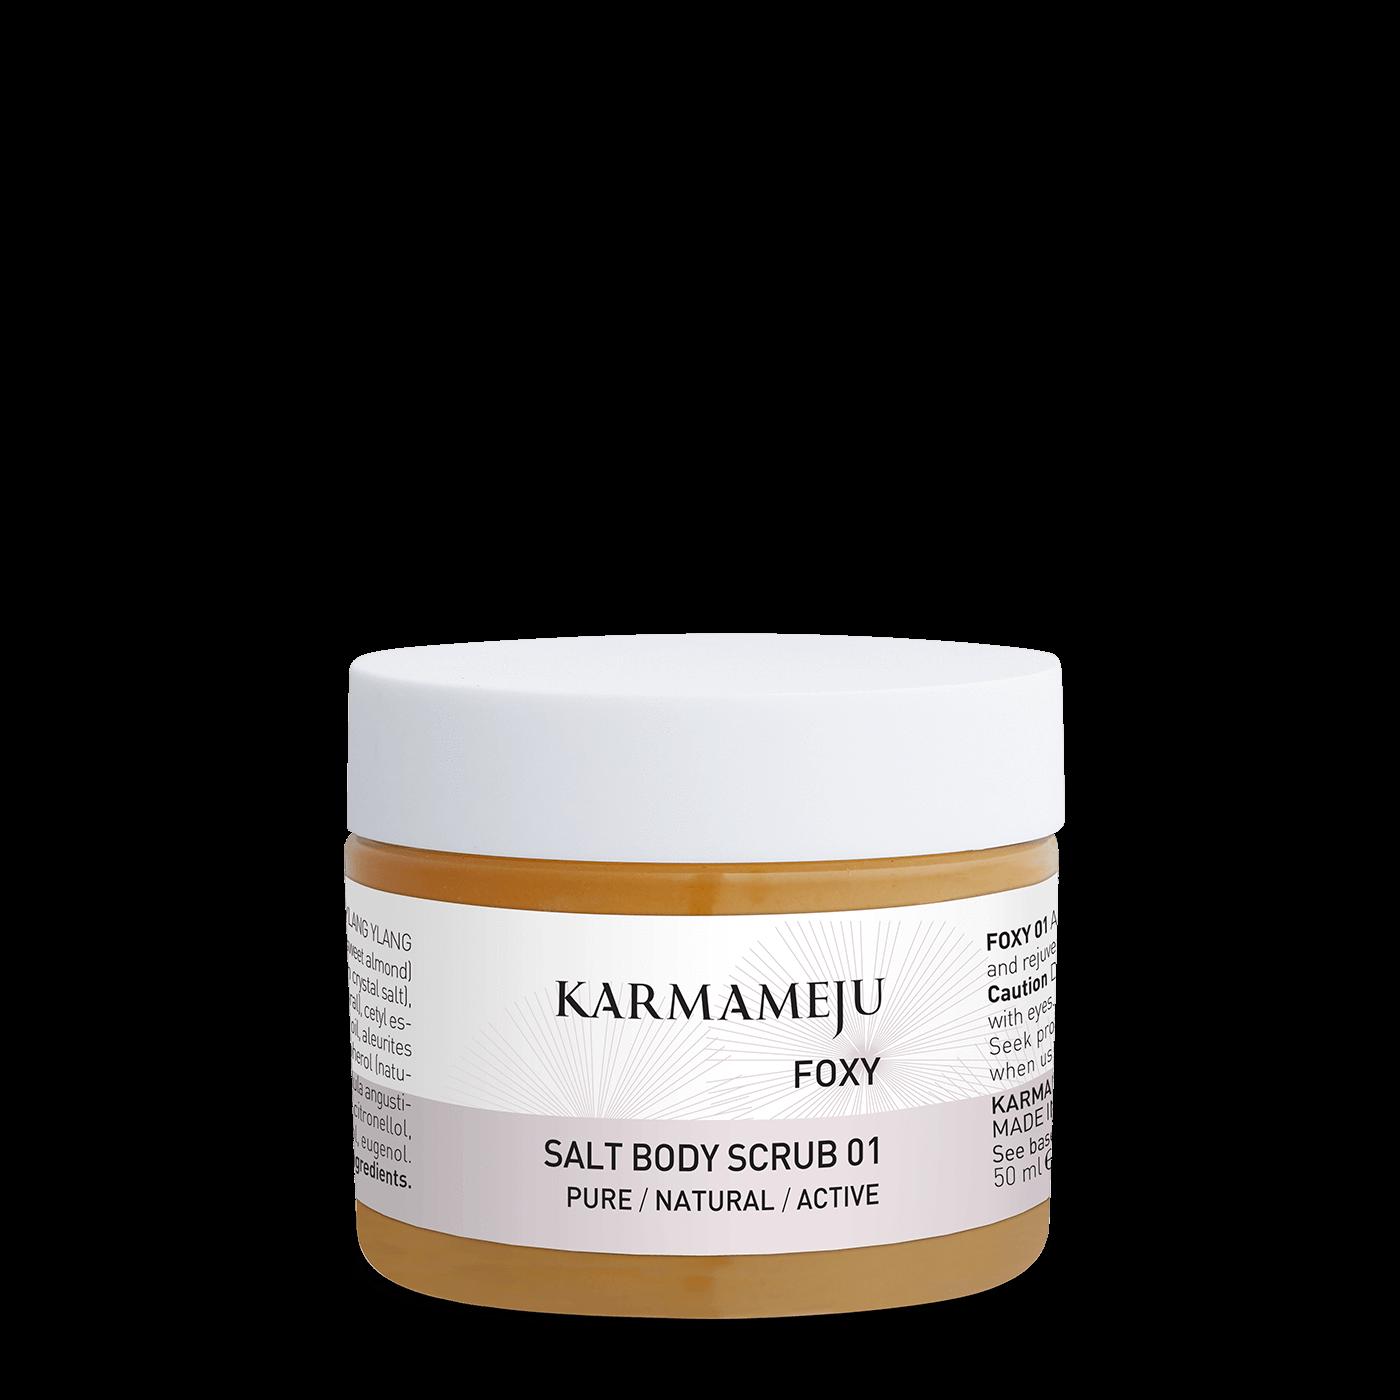 Karmameju FOXY / SALT BODY SCRUB 01 - Travel size